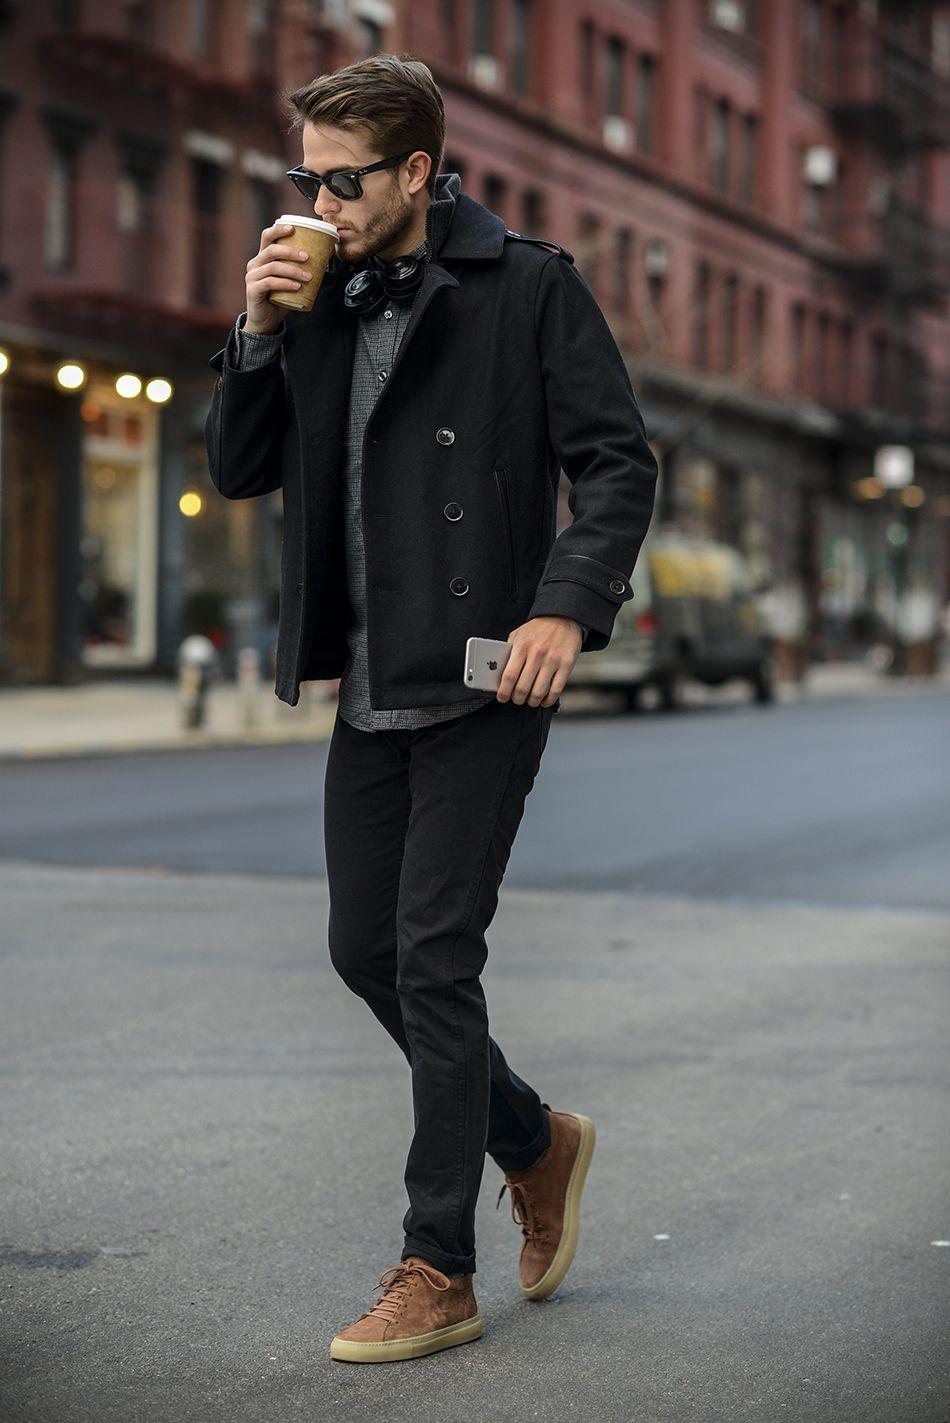 Pinterest Style My Moda Inverno Para O Look Masculina qZXOw7v